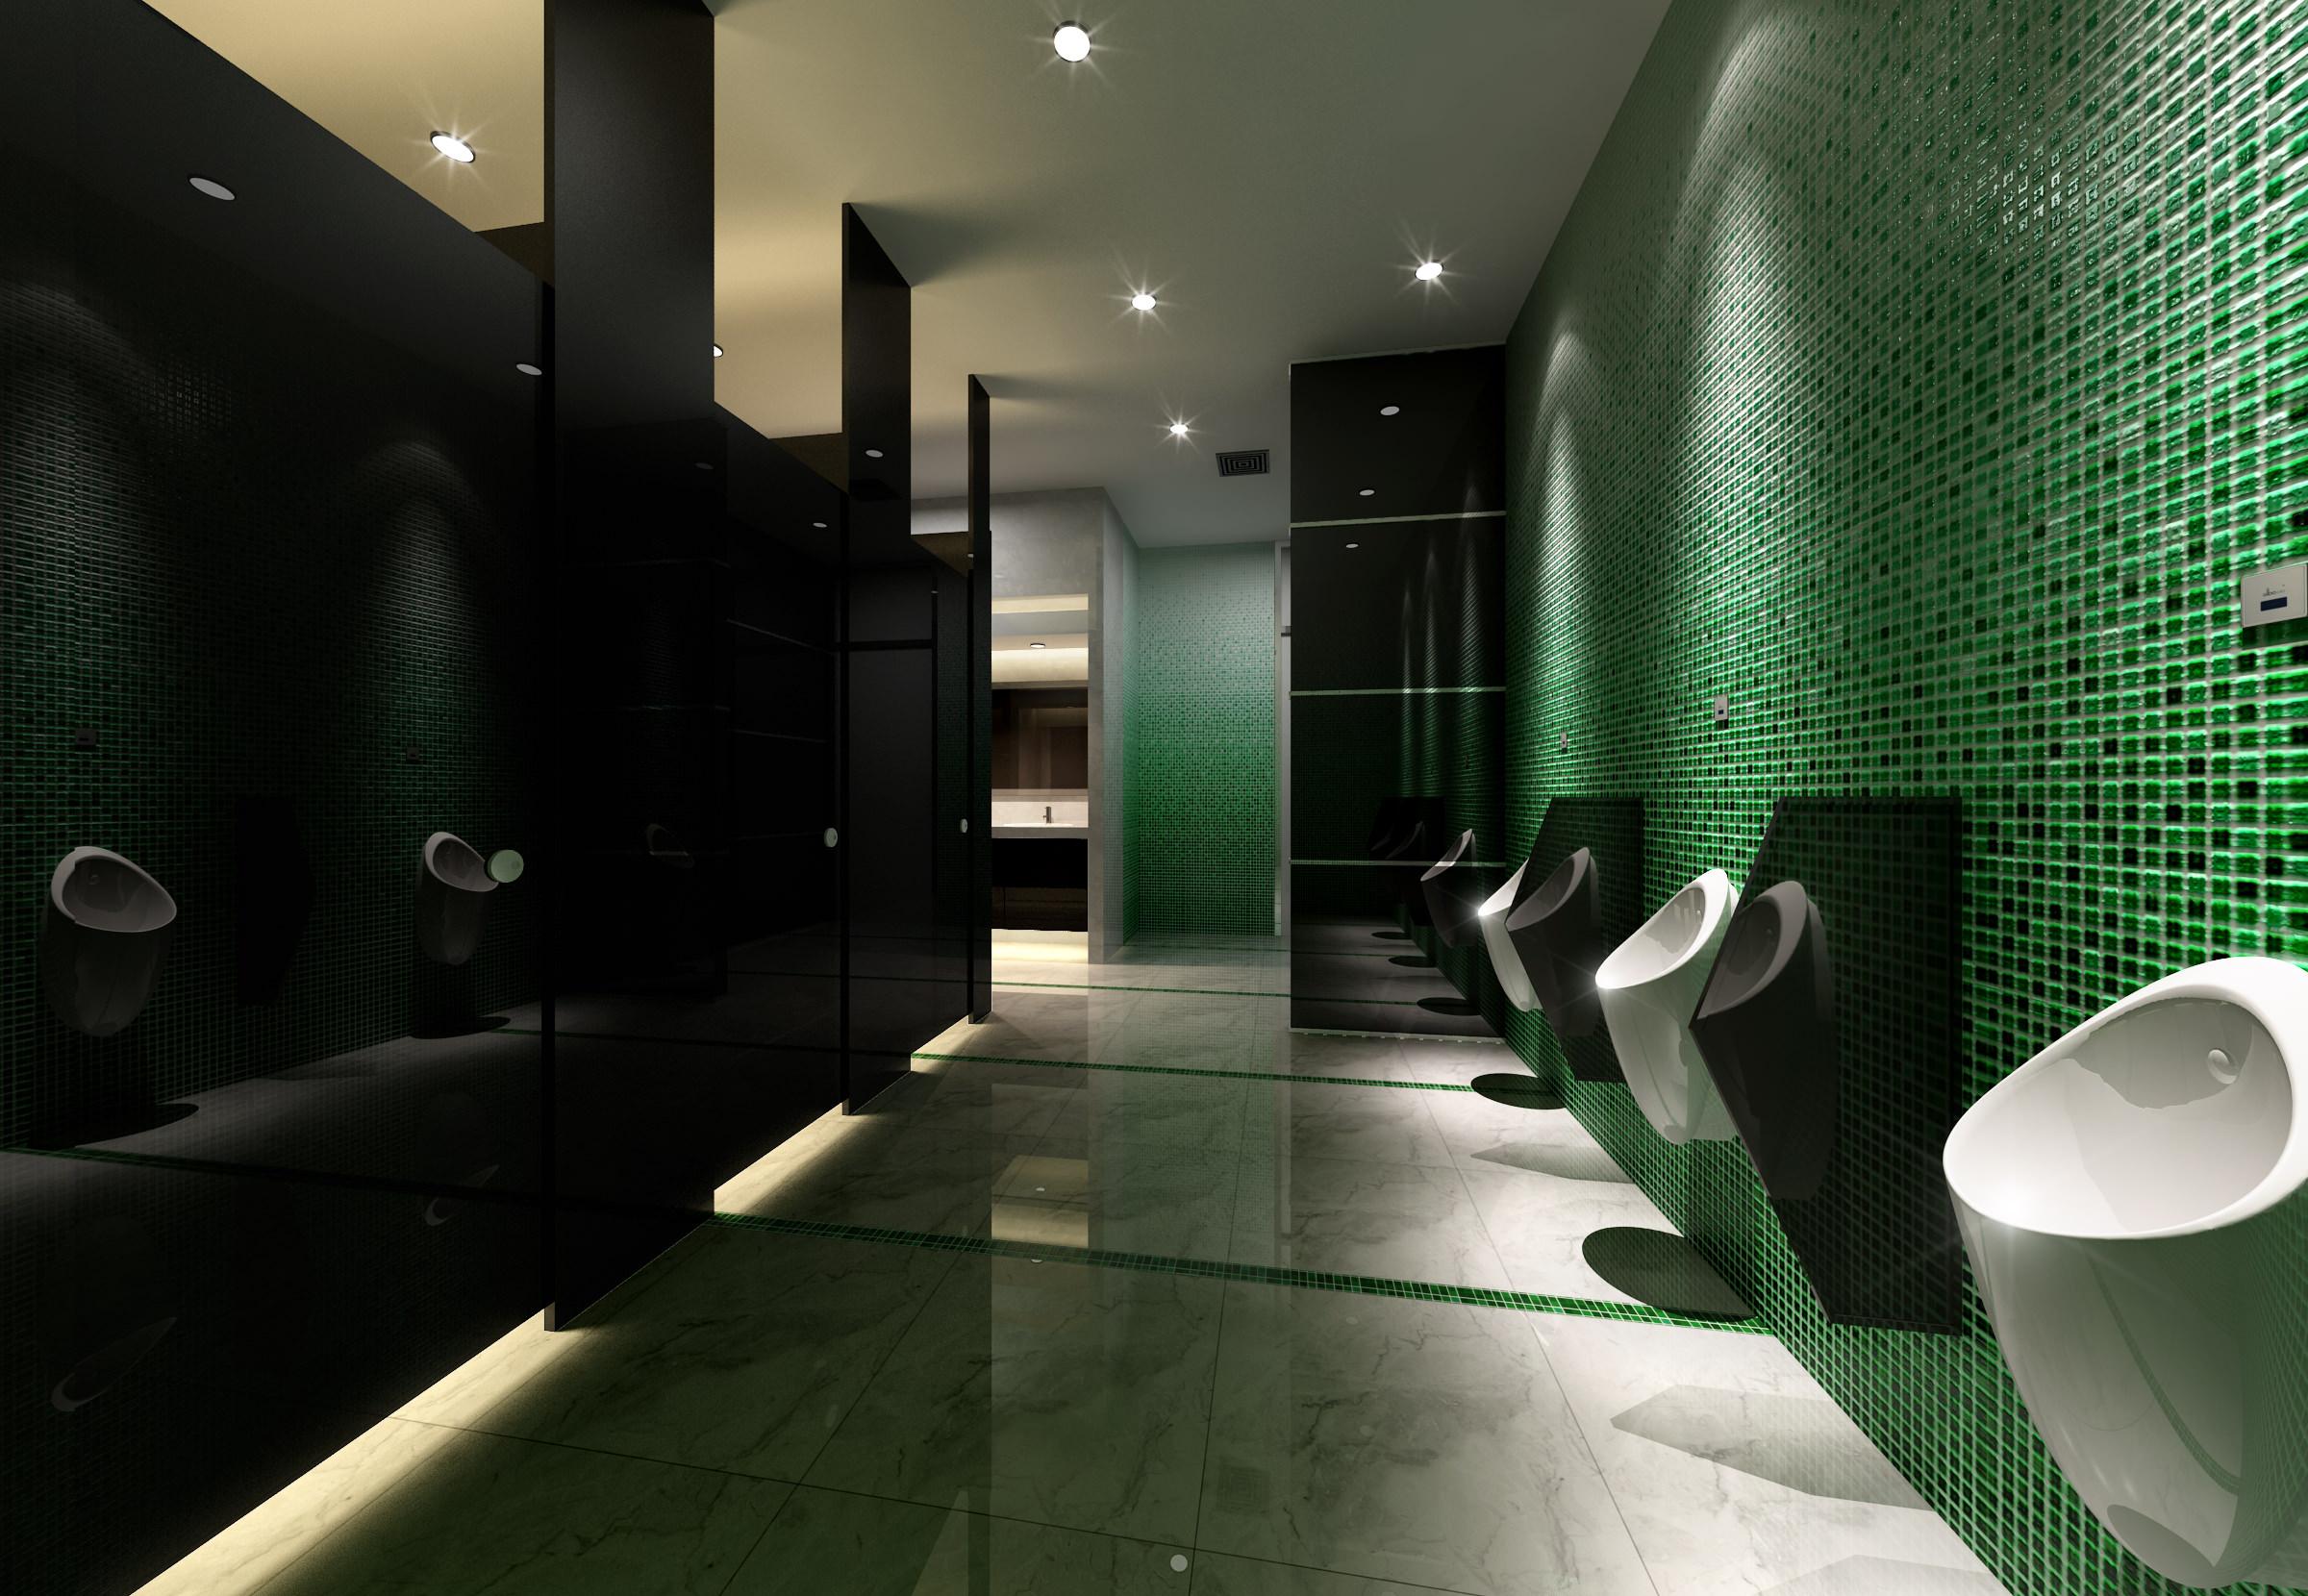 Public bathroom 3d model max for Bathroom design online 3d